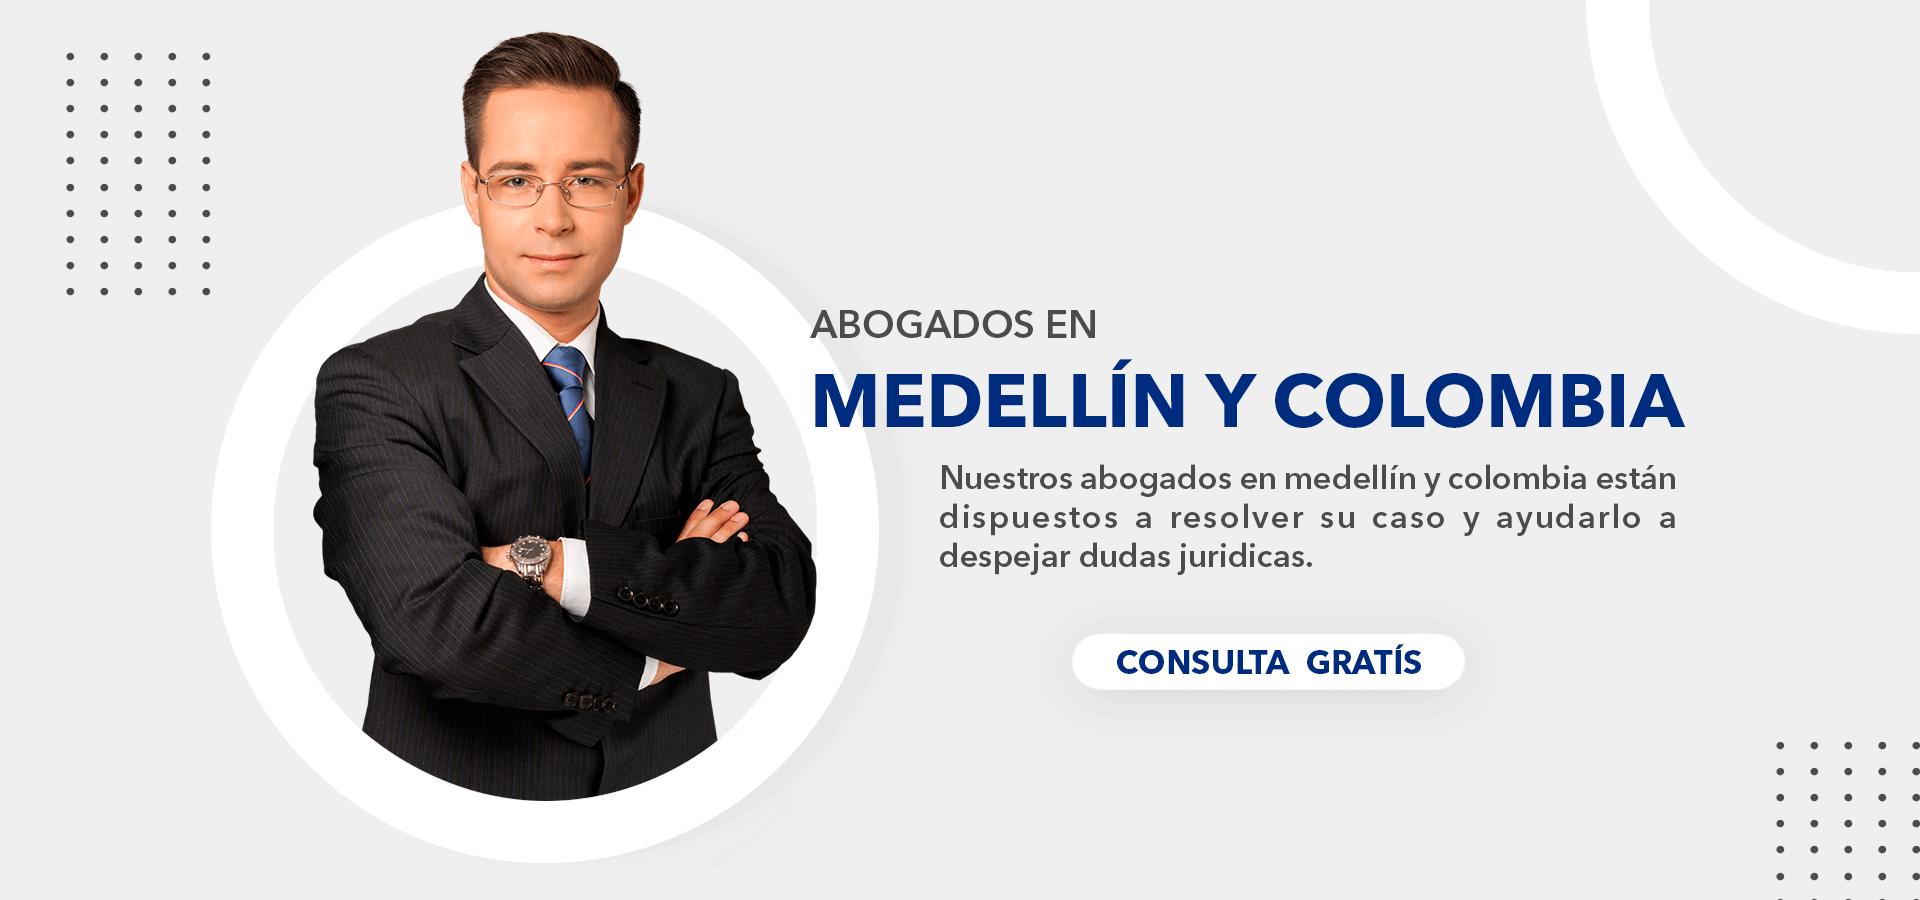 Guerrero Abogados - Abogados en Medellín, Pereira , itagui y Bogota